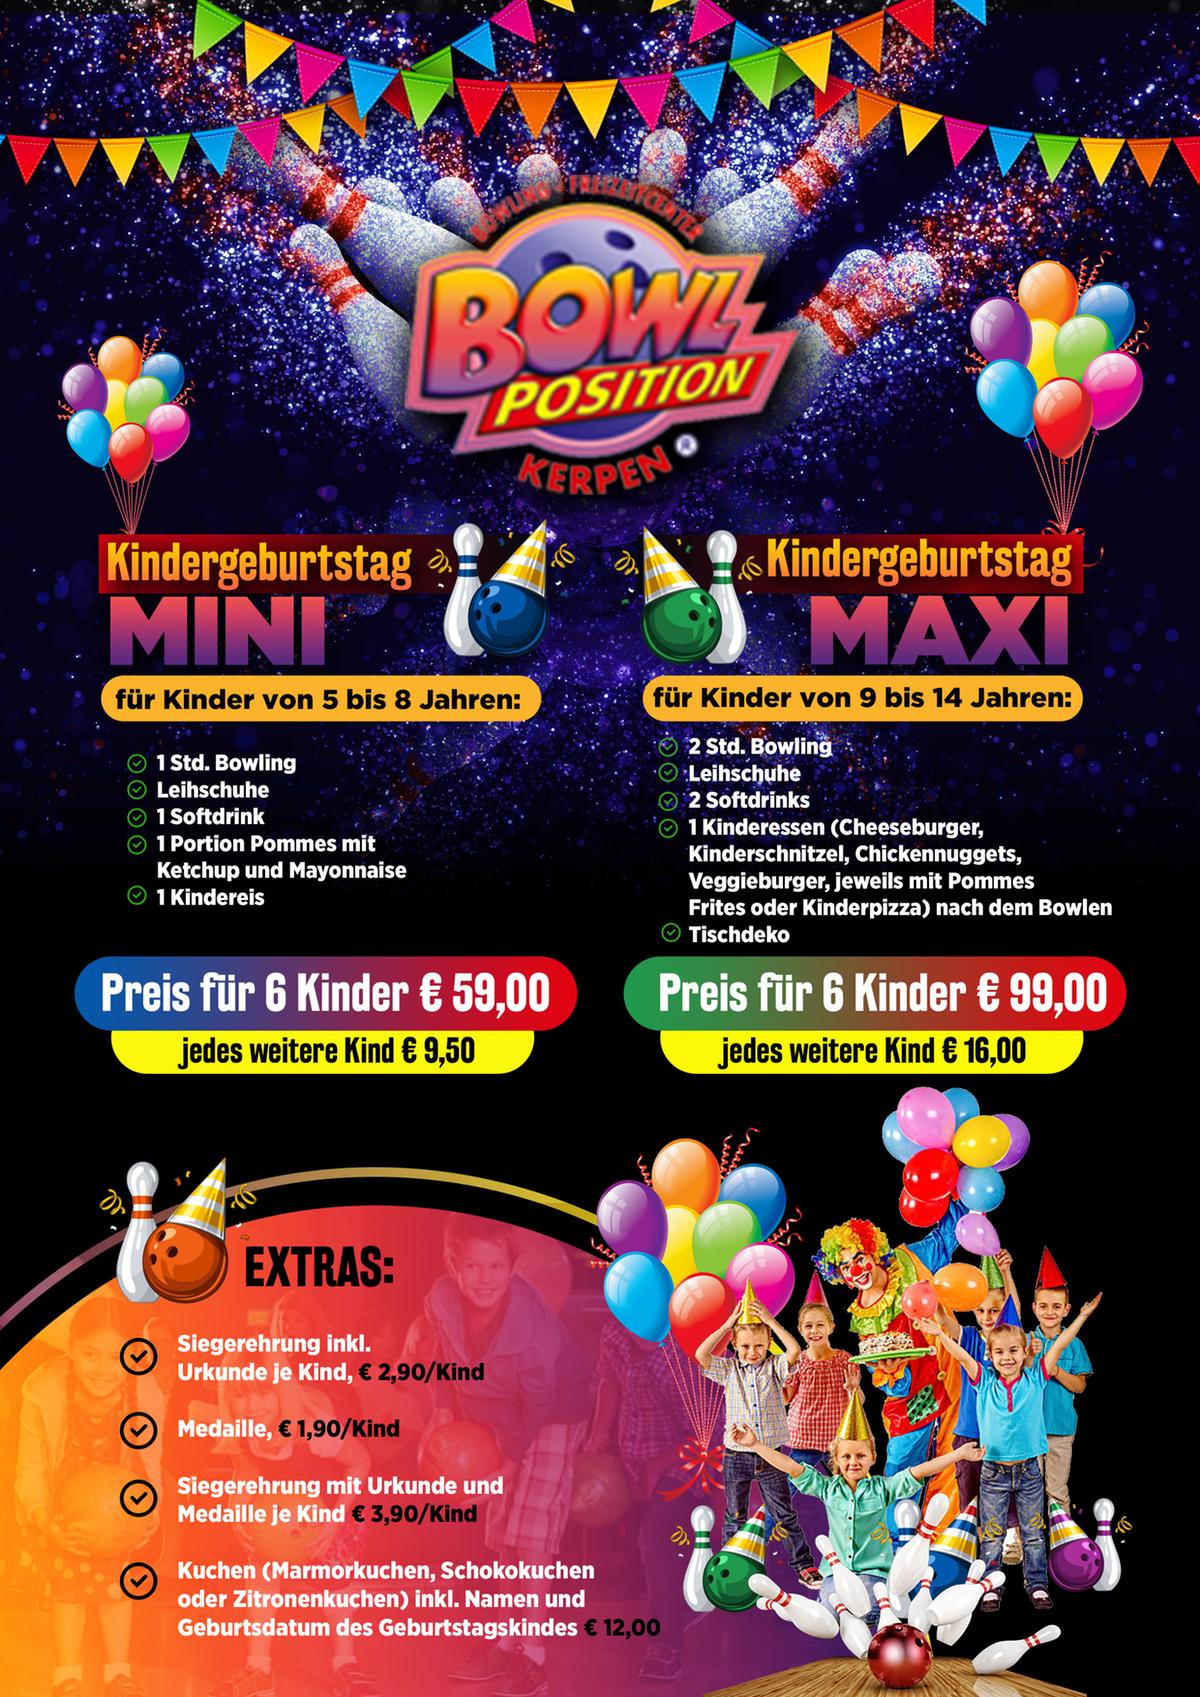 Flyer für Kindergeburtstag in einem Bowlingcenter